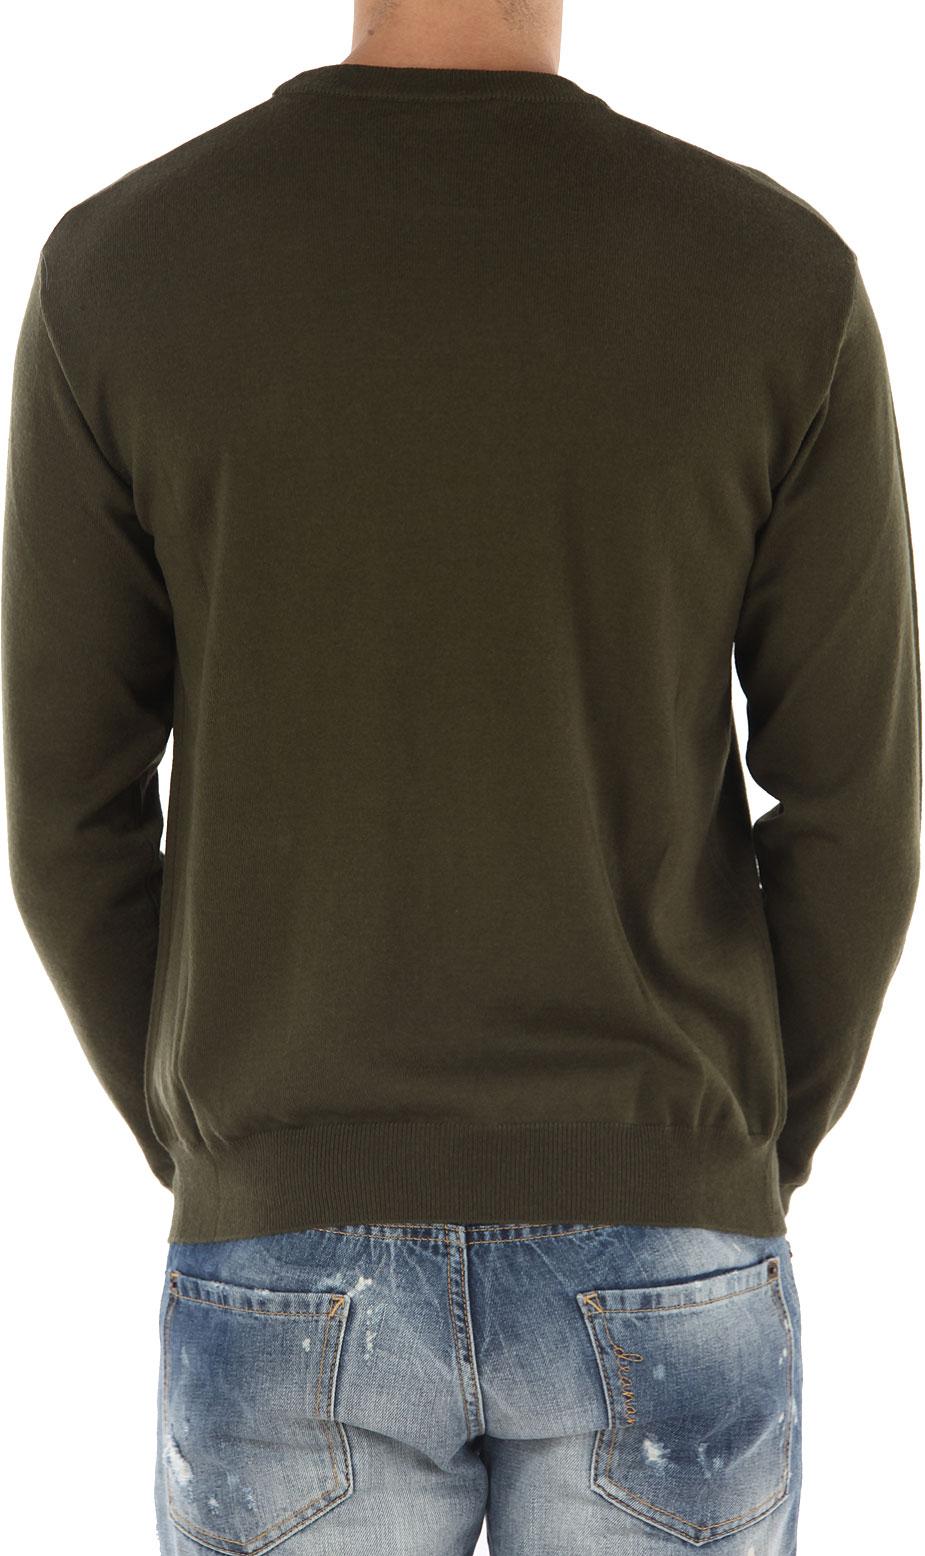 Abbigliamento Uomo Moschino Codice Articolo Zj0917-5200-0439